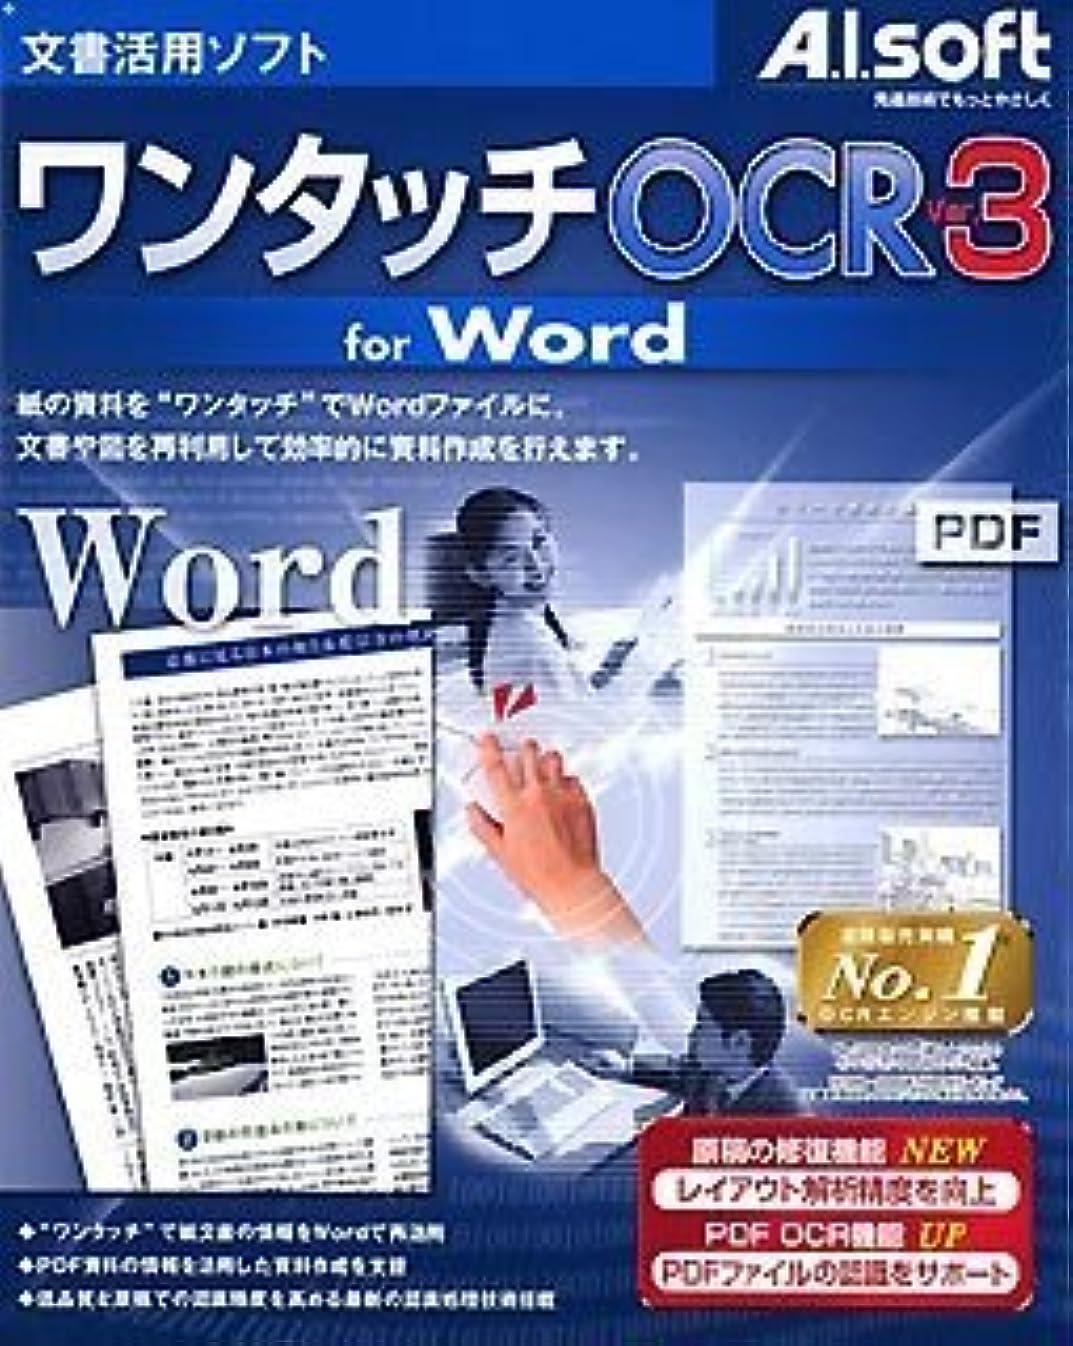 ドール所持インゲンワンタッチOCR Ver.3 for Word